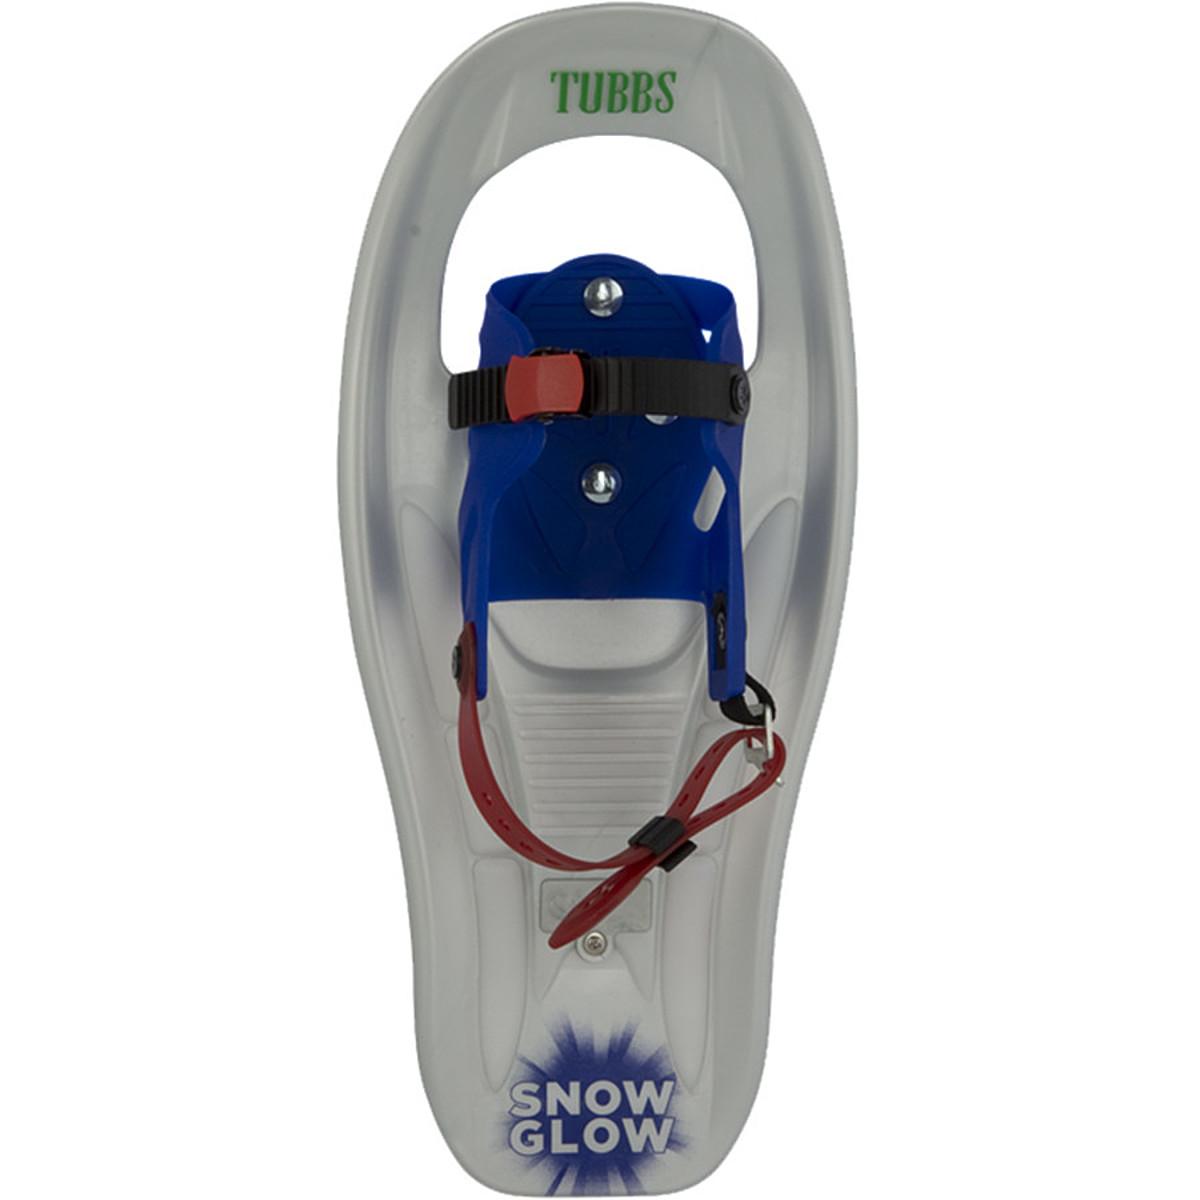 Tubbs SnowGlow